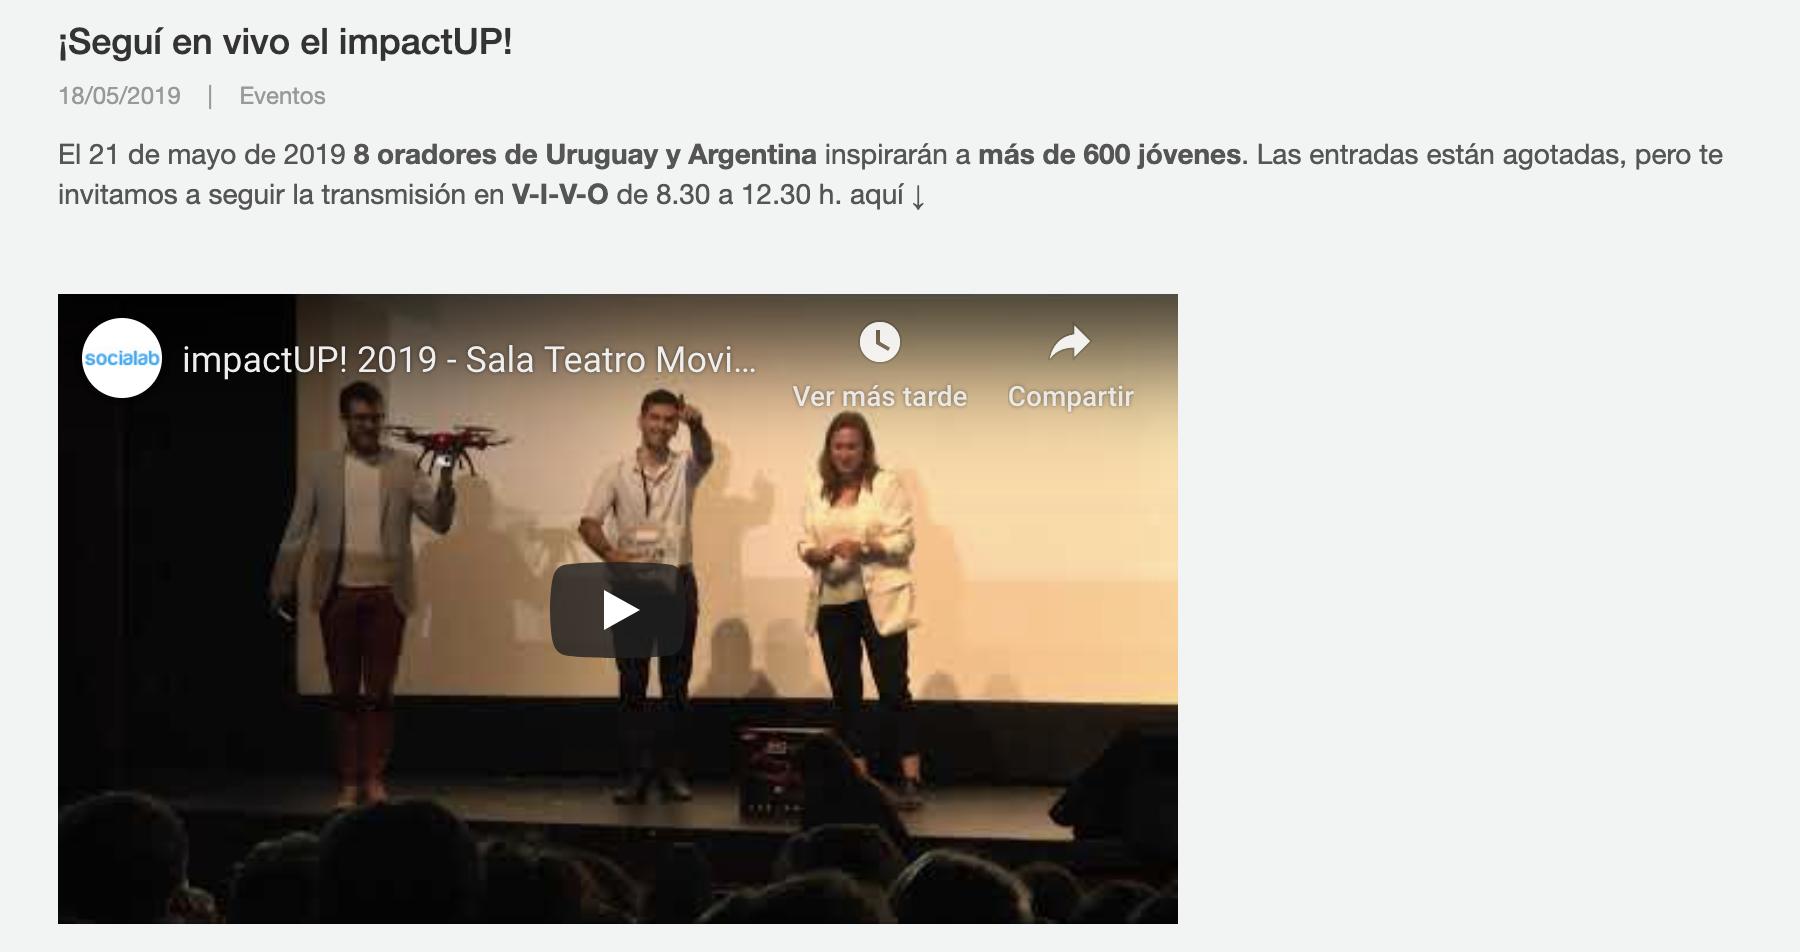 ¡Seguí en vivo el impactUP! -